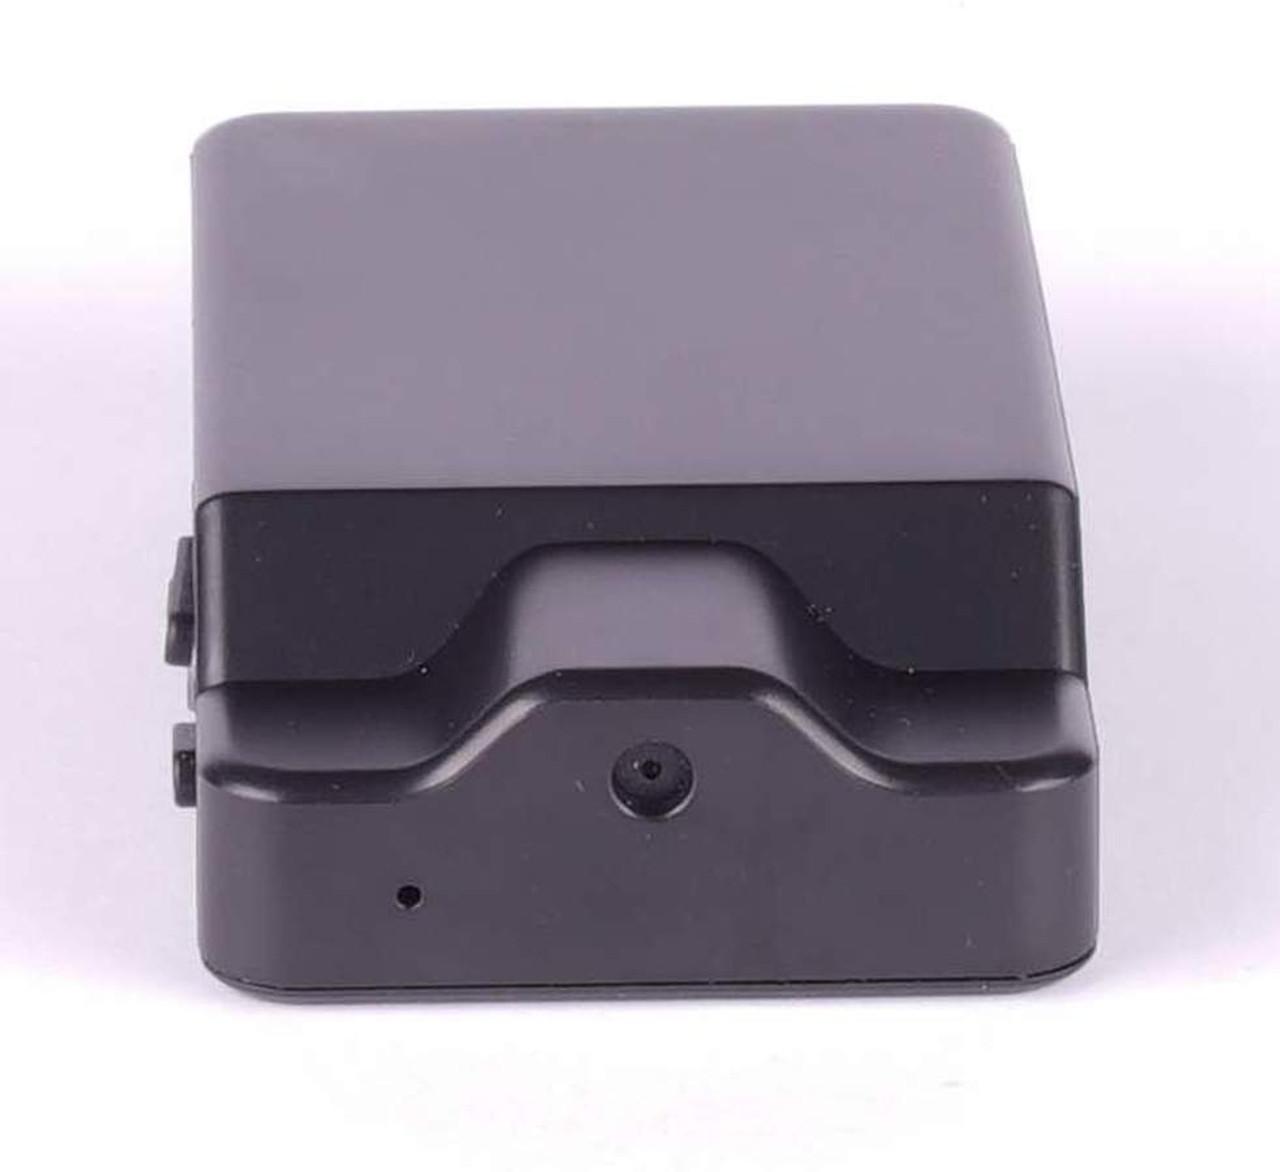 Zetta Mini Security Camera and Recorder Z12